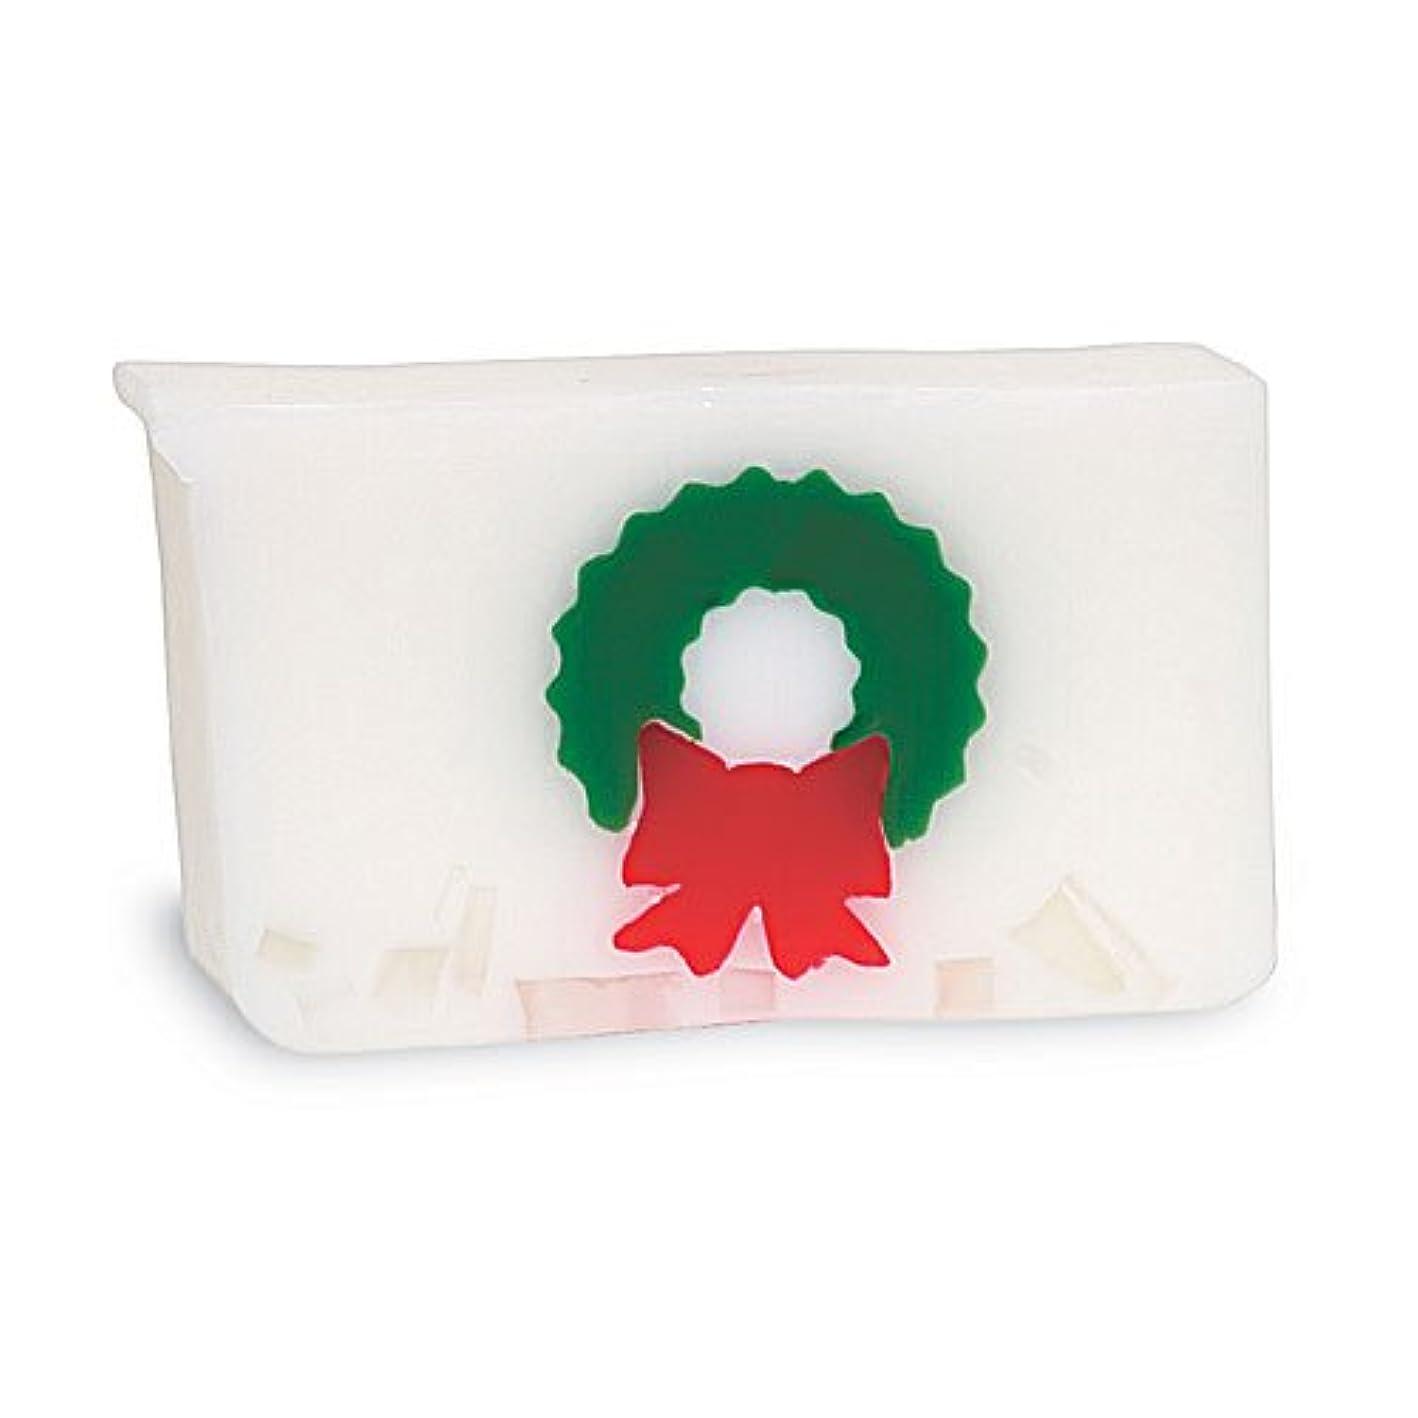 プライモールエレメンツ アロマティック ソープ クリスマスリース 180g 植物性 ナチュラル 石鹸 無添加